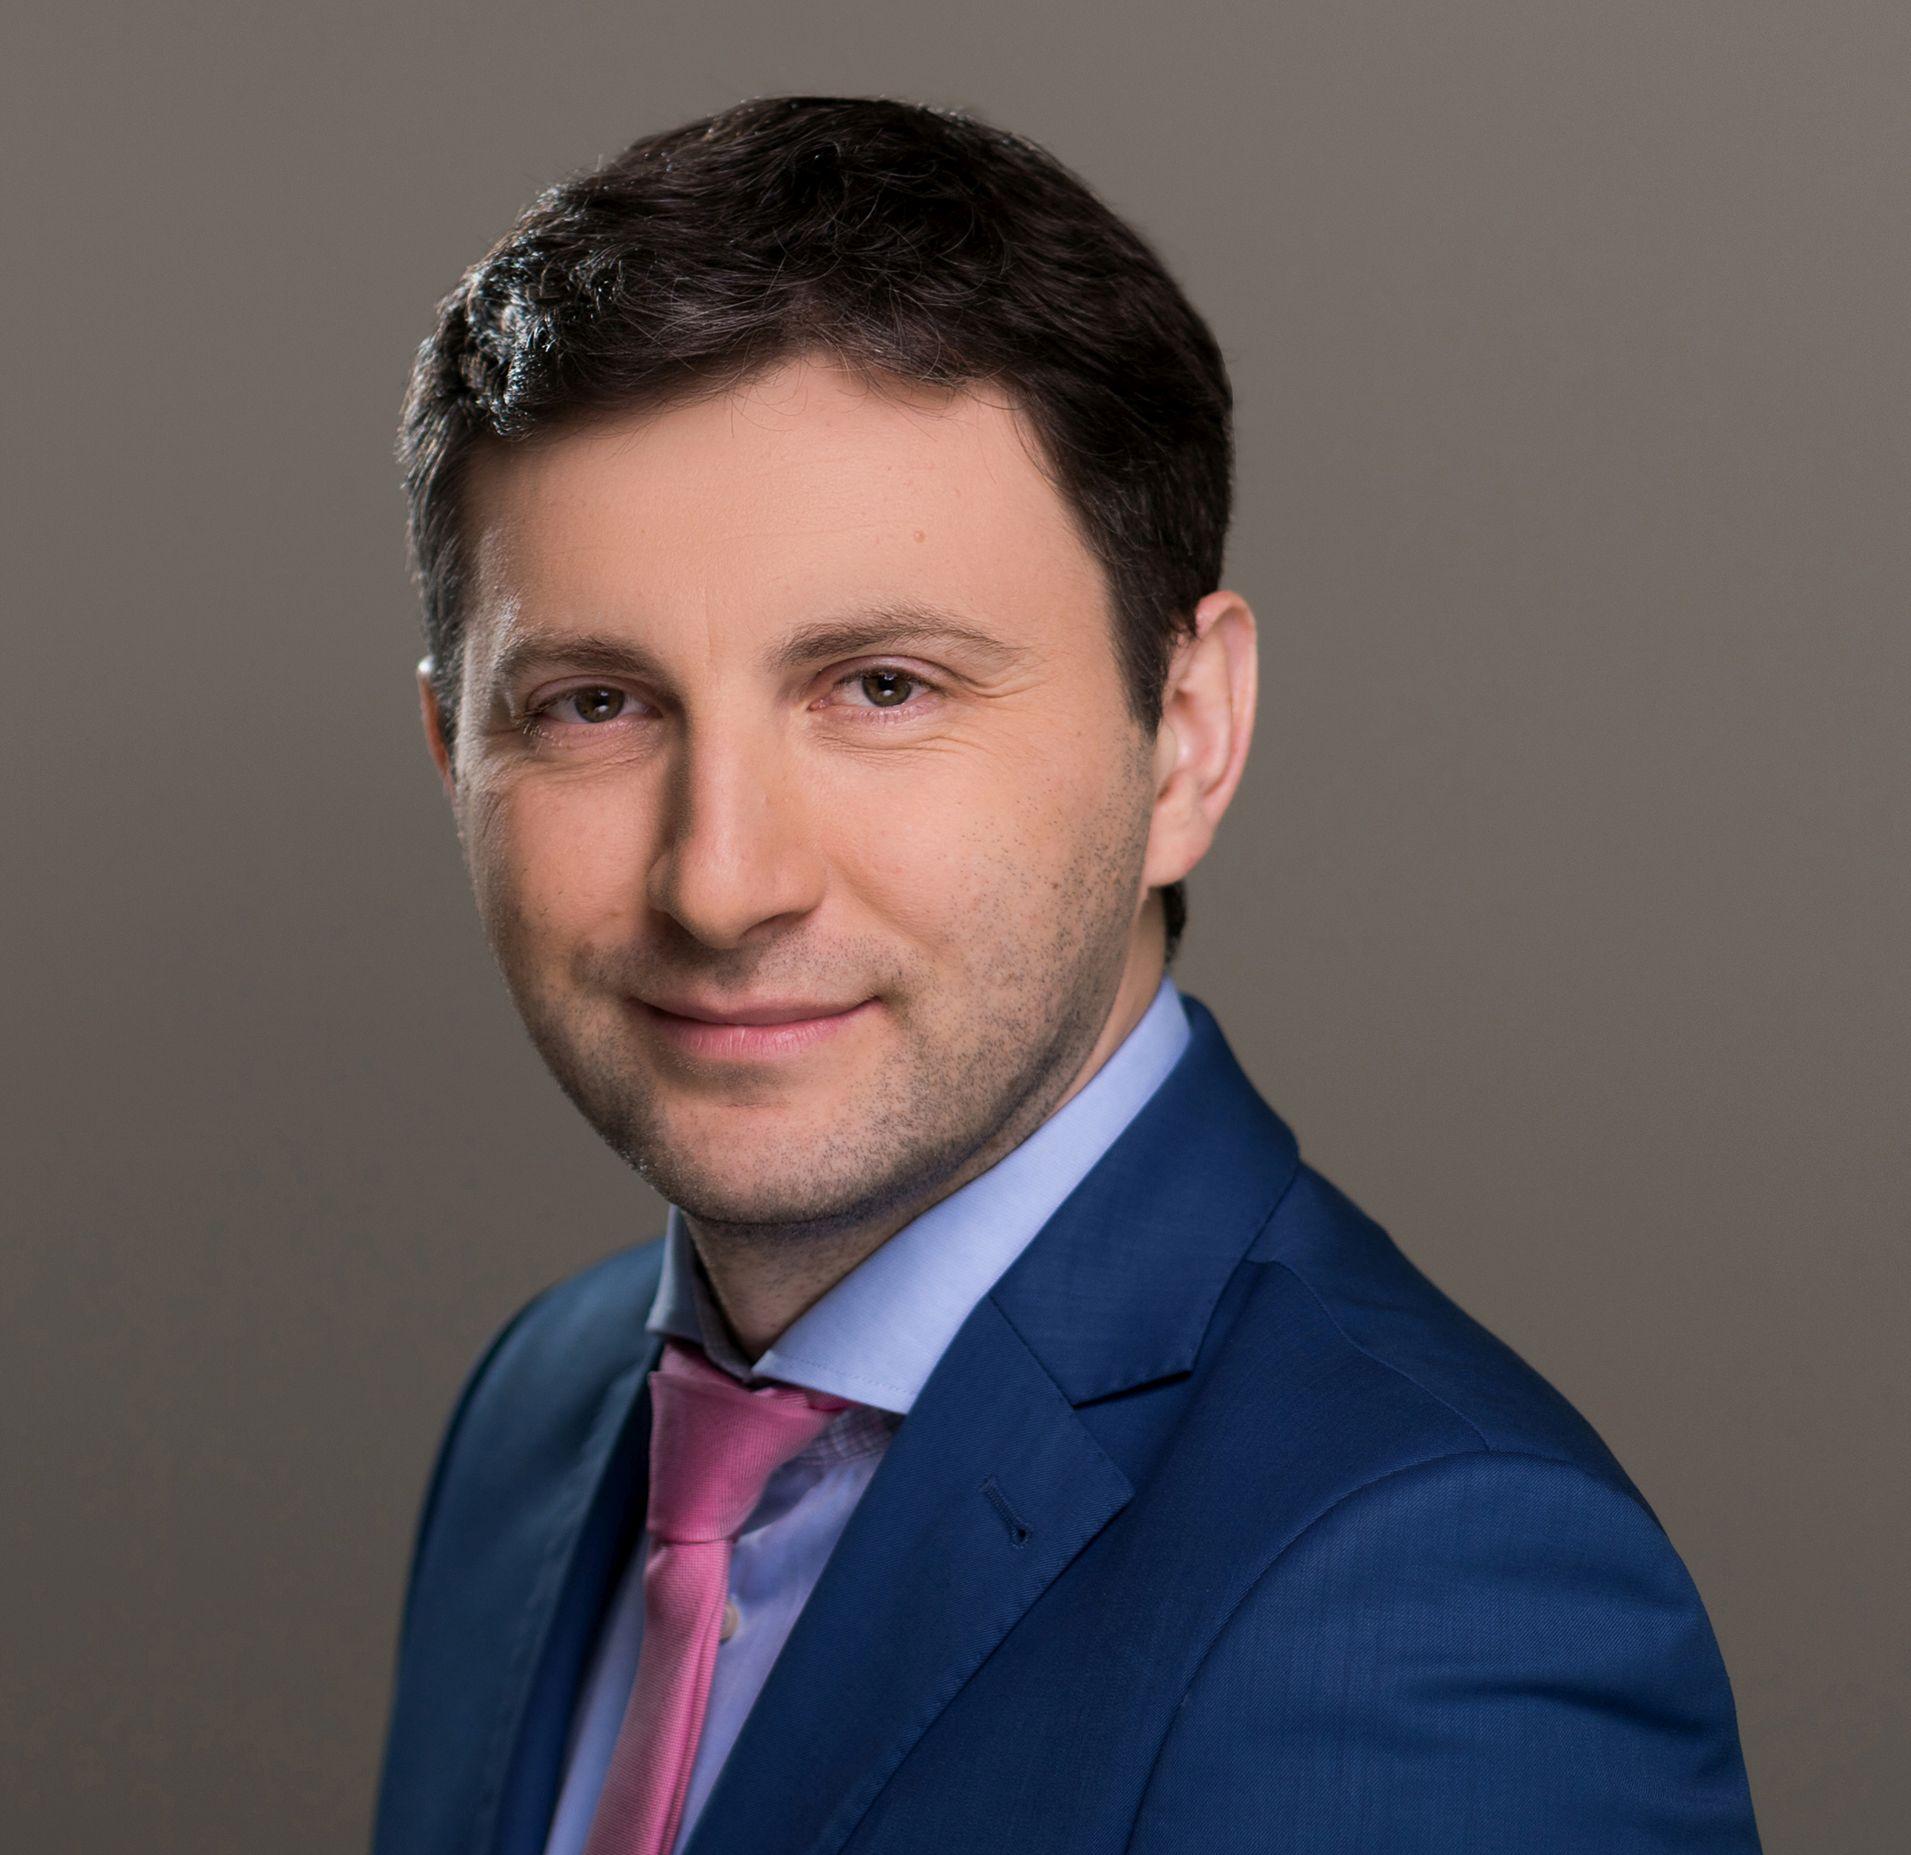 Andrzej Osinski